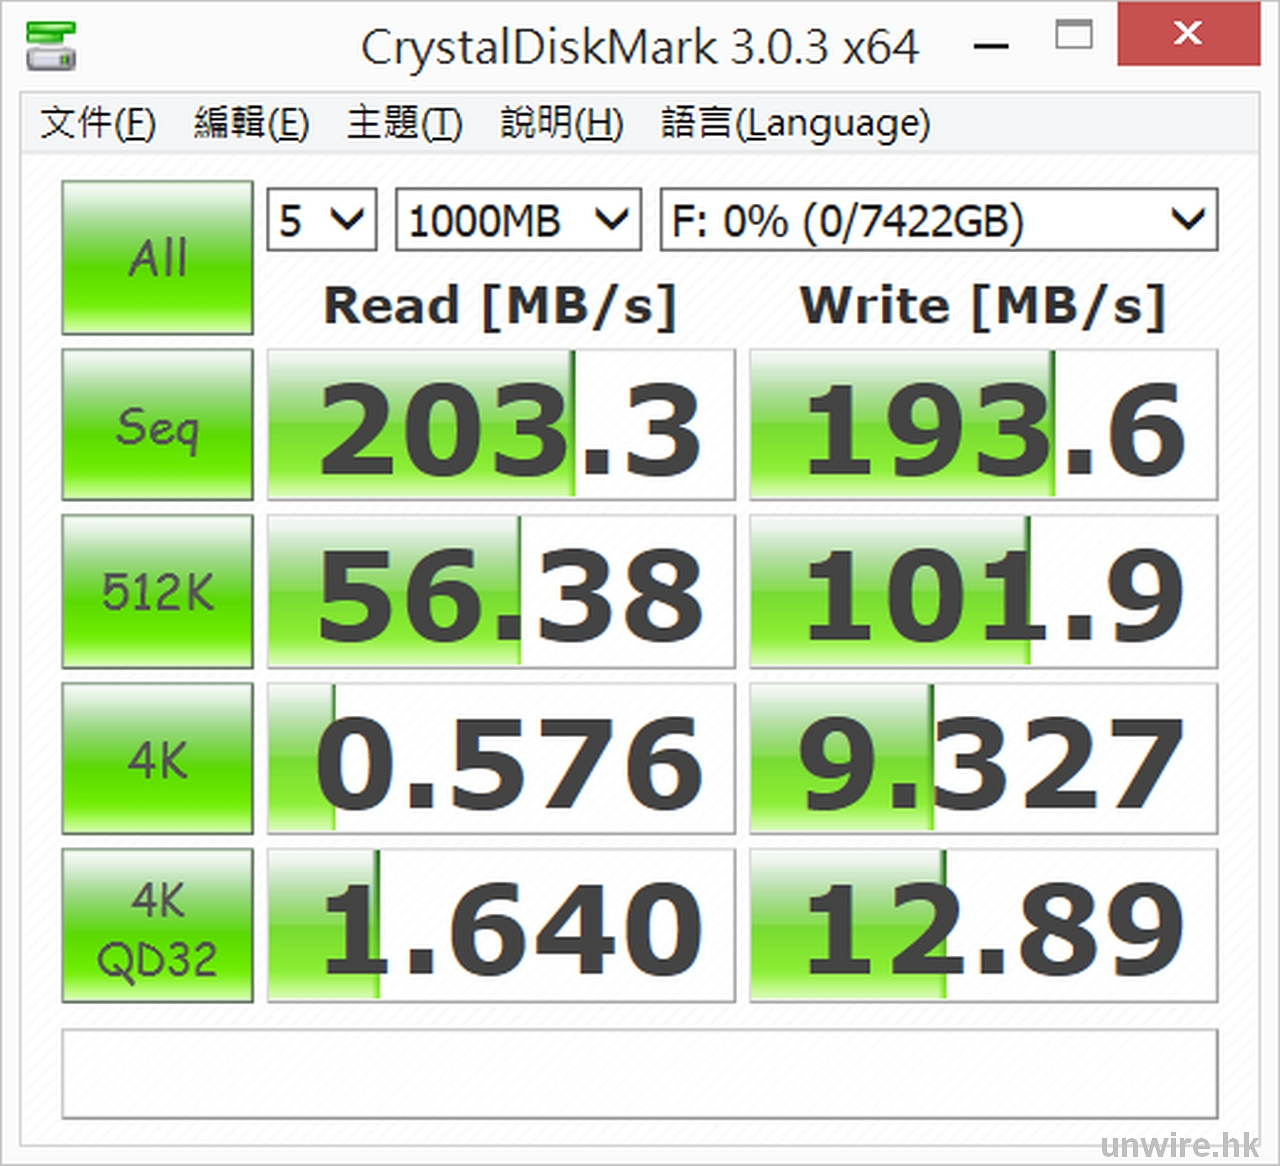 唔怕冇位用 - LaCie Porsche Design Desktop Drive 8TB - Unwire.hk